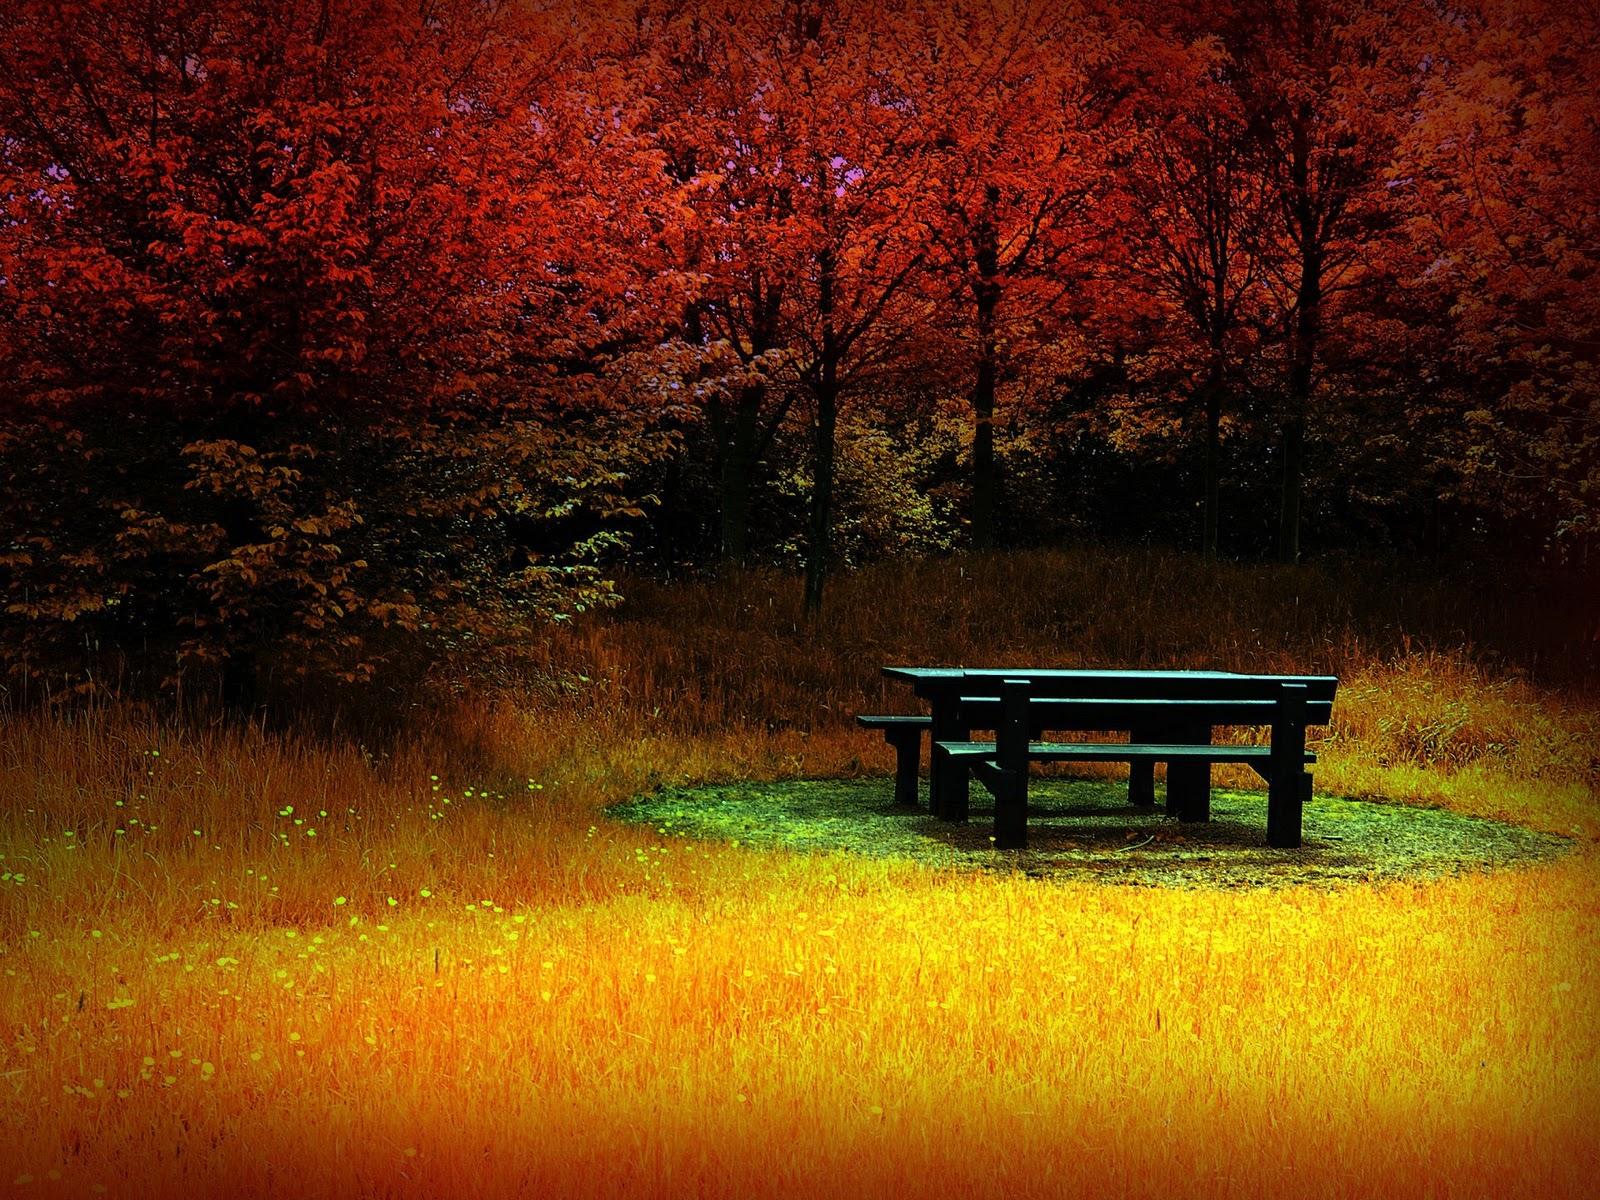 Love Wallpaper Gambar Pemandangan Musim Gugur yang Sangat